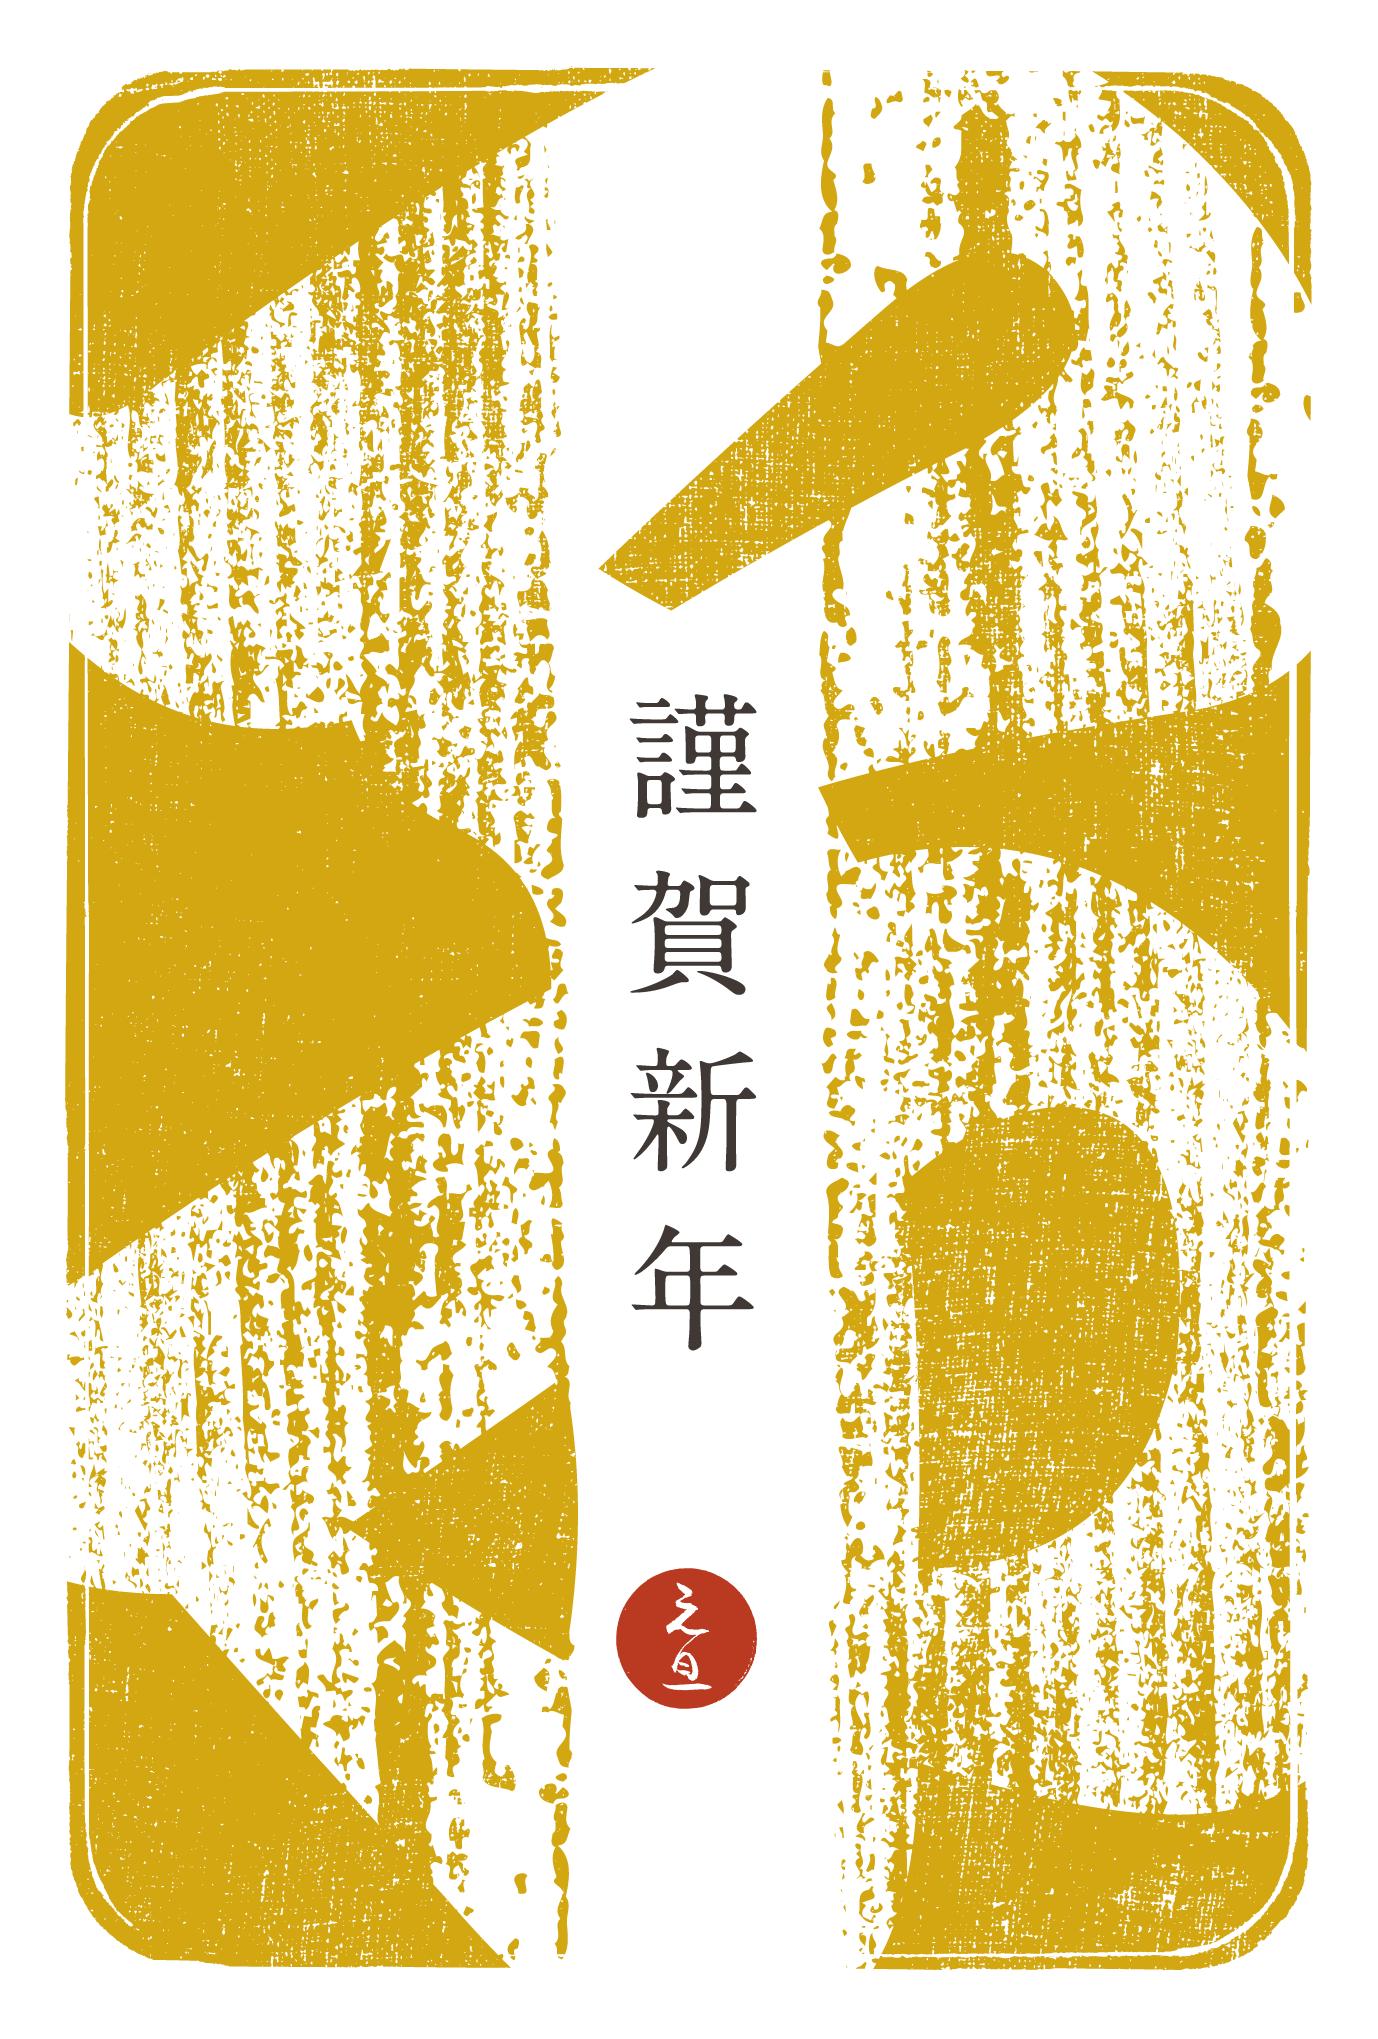 2020年賀状04-2:江戸勘亭流(子)芥子色のダウンロード画像